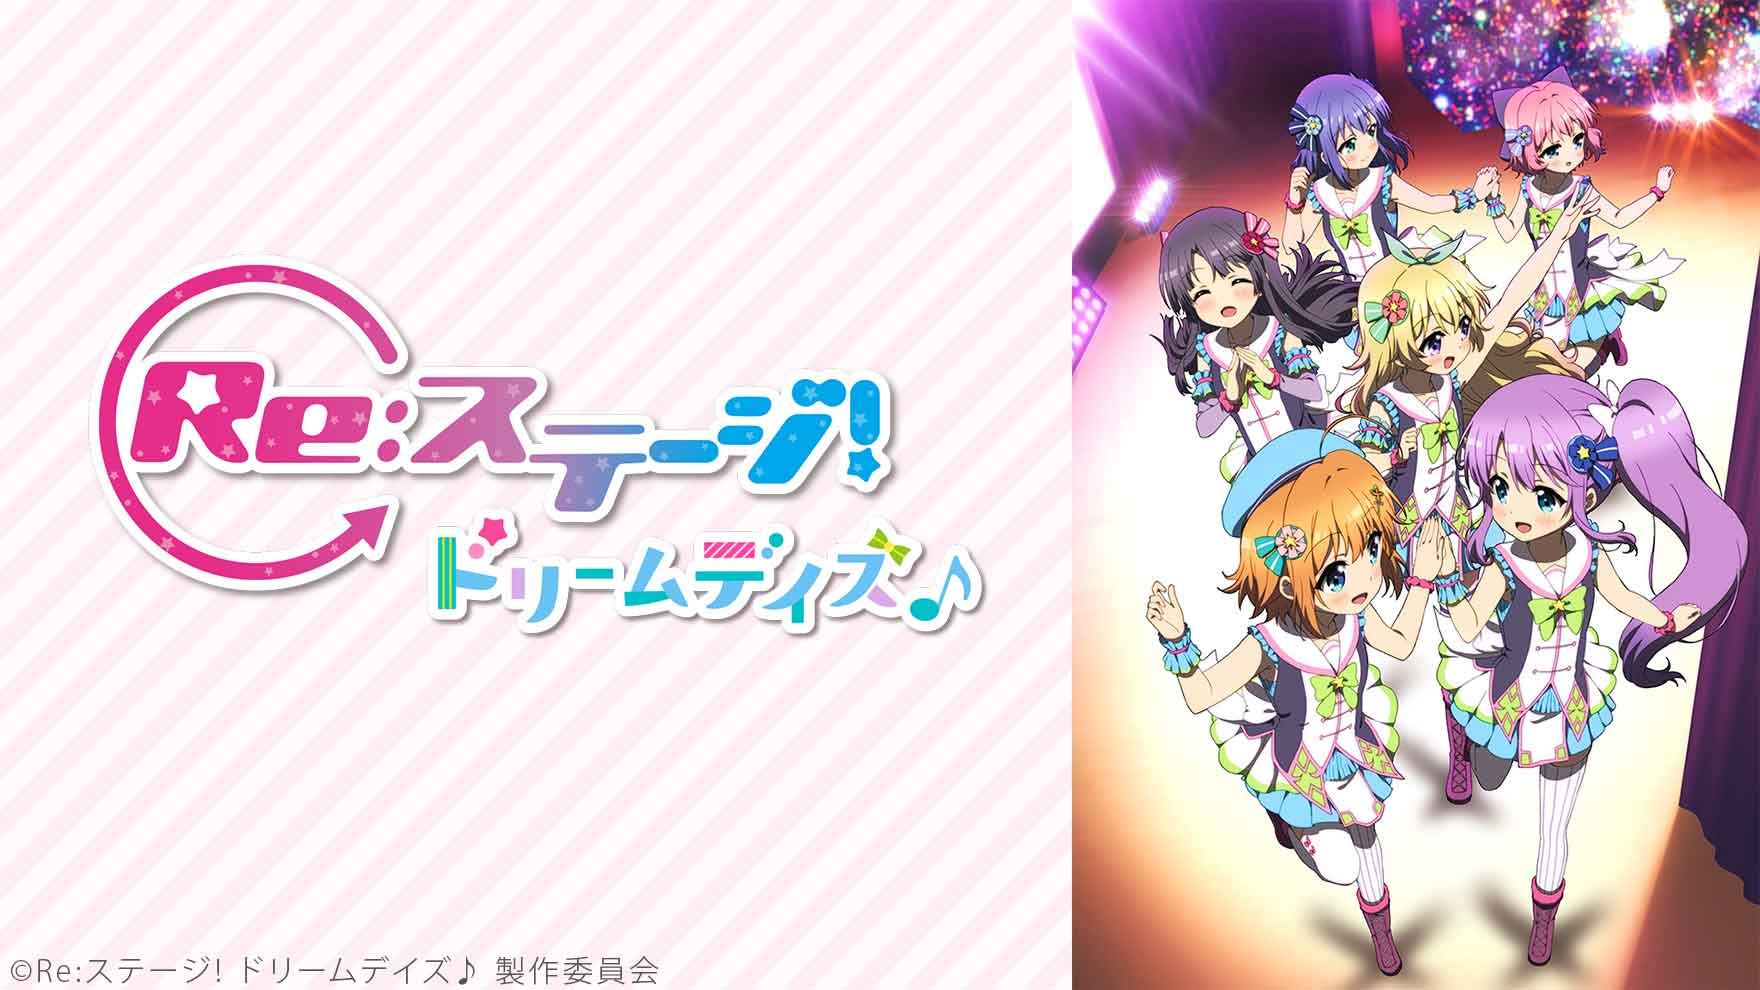 アイドルアニメのアニメ